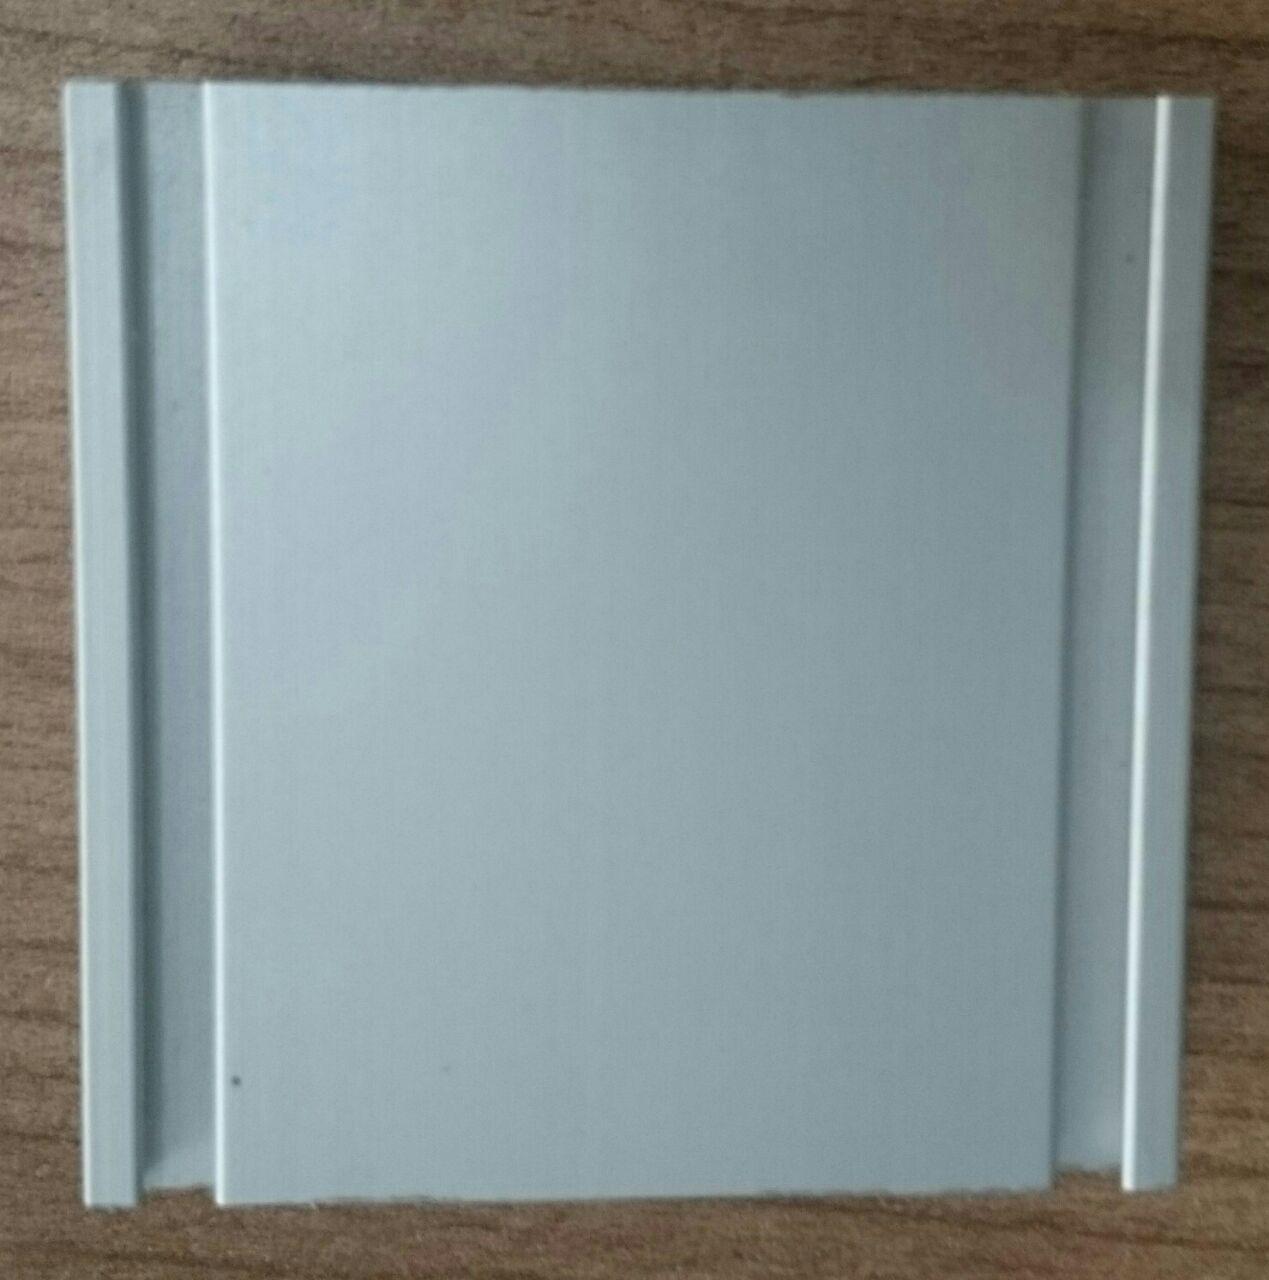 Alumínio Anodizado  Fosco